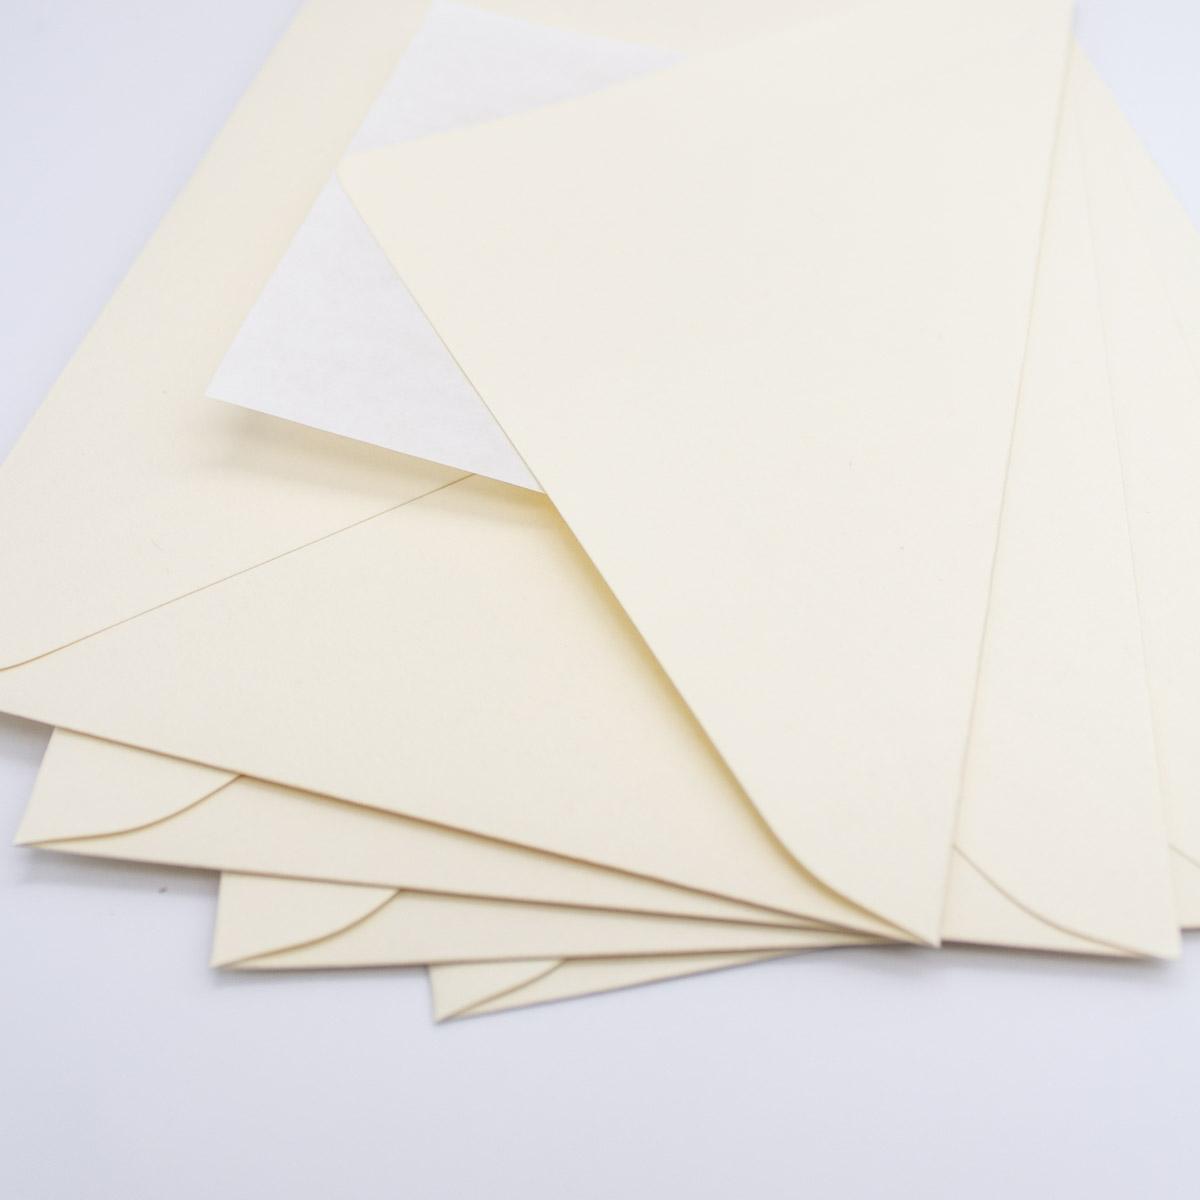 Briefumschlag Creme 5 Stück -B6 Unsere-kleine-Bastelstube